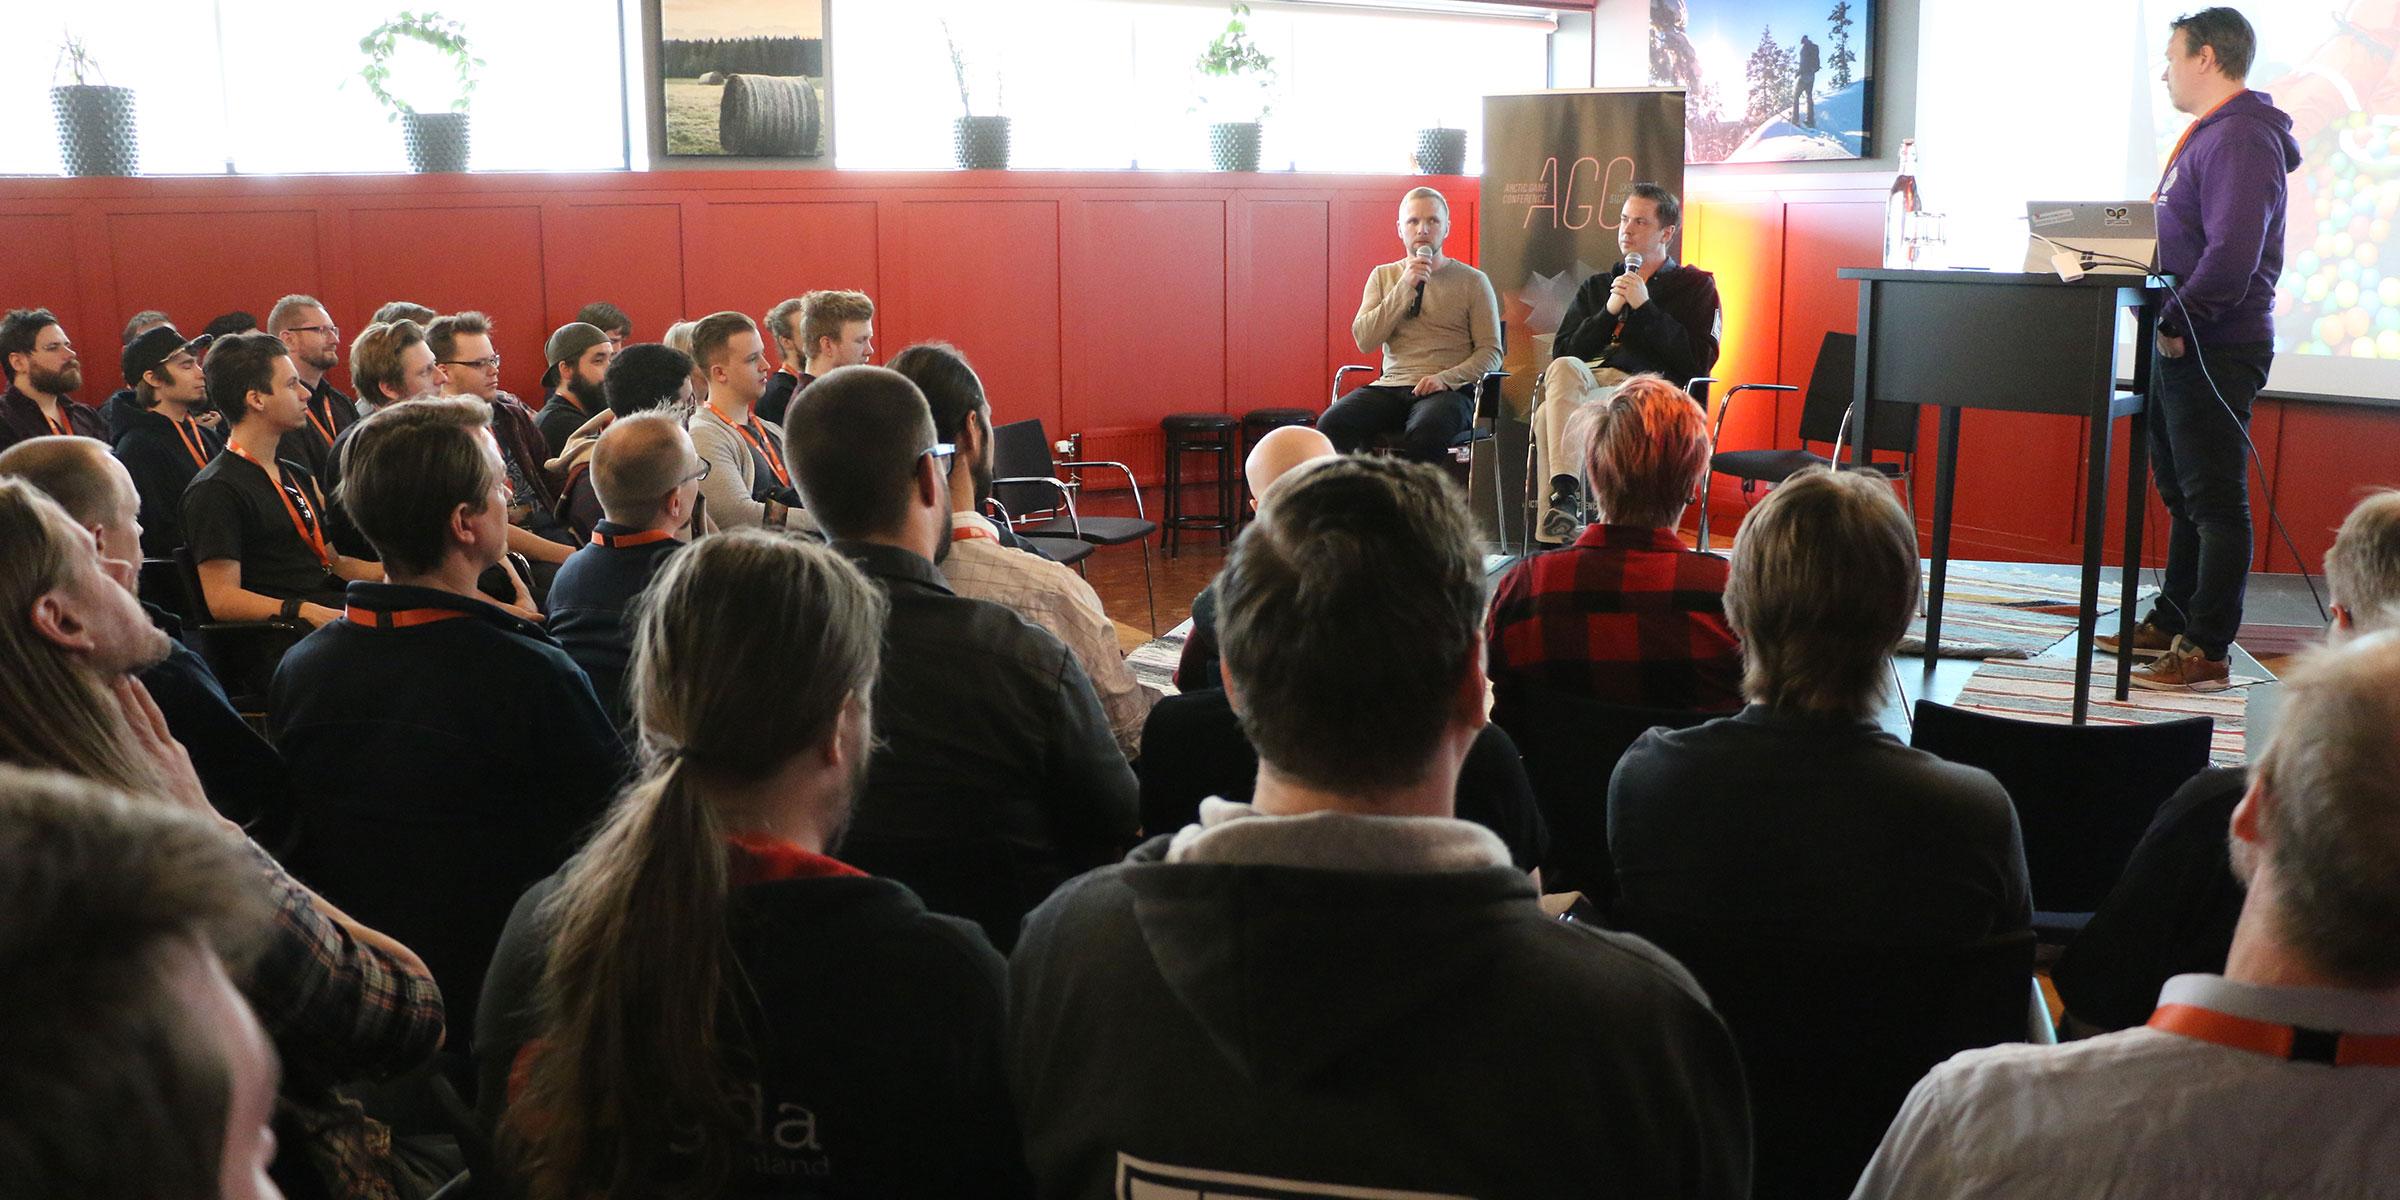 Stort intresse för att lyssna på de erfarenheter som Tobias Andersson och Patrik Knutsson samlat på sig.